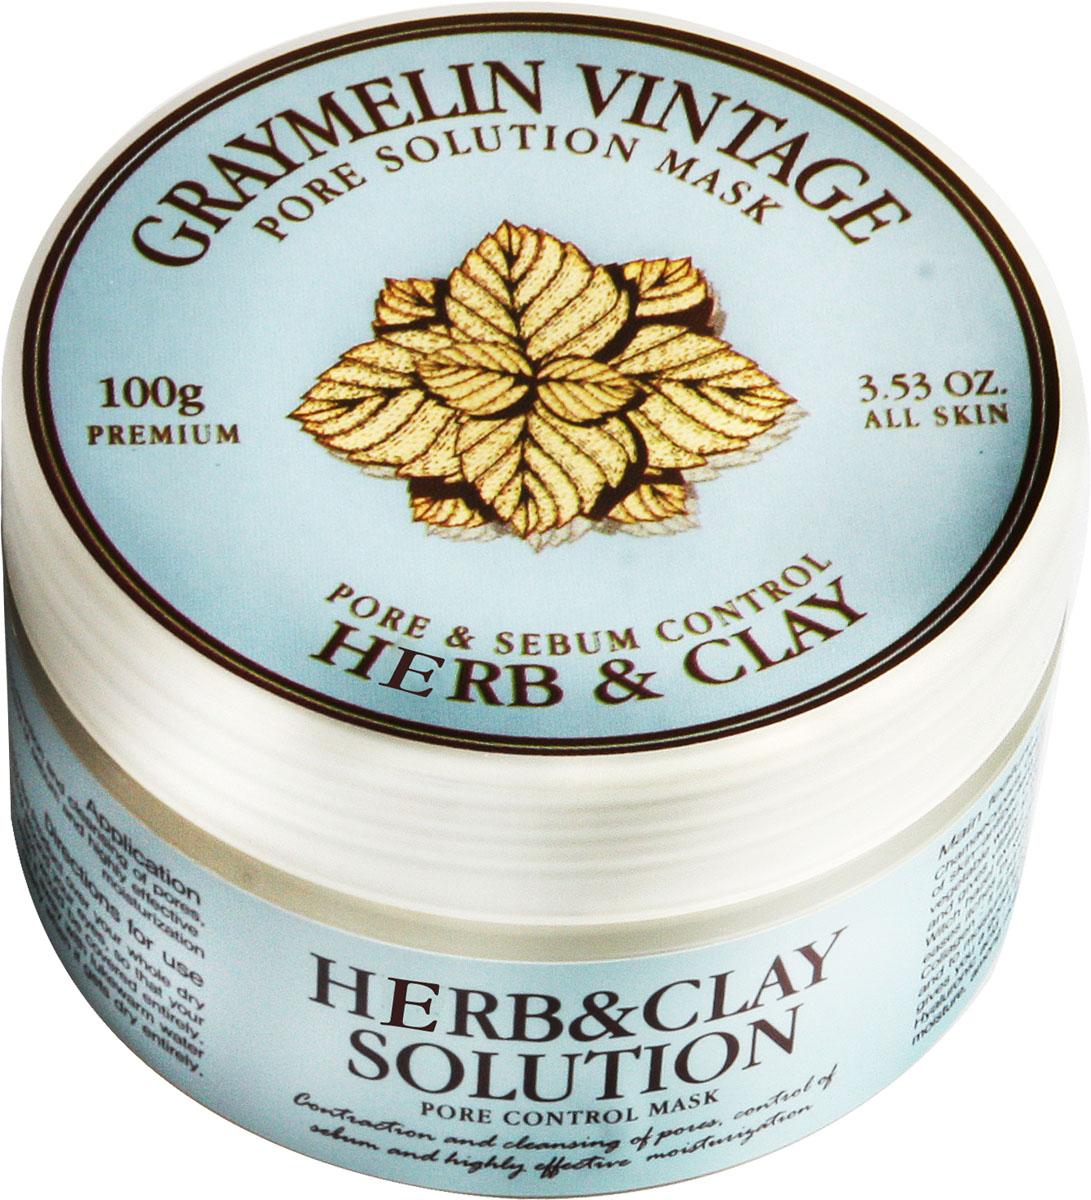 Graymelin очищающая маска для лица на основе трав и глины, 100 г8809071361513Маска имеет кремовую консистенцию и мягко, но эффективно очищает и сужает поры. Средство освежает кожу и контролирует водно-жировой баланс, удаляет омертвевшие клетки кожи и ускоряет заживление воспалений. Сок кипарисовика туполистного обладает антибактериальным и очищающим действием. Он содержит большой процент минералов и витаминов и насыщает кожу полезными элементами. Экстракт гамамелиса успокаивает кожу и облегчает зуд, вызванный сухостью кожи. Коллаген и гиалуроновая кислота интенсивно увлажняют и удерживают влагу в коже, делая ее мягкой и эластичной. Сок кипарисовика туполистного обладает антибактериальным и очищающим действием. Он содержит большой процент минералов и витаминов и насыщает кожу полезными элементами. Экстракт гамамелиса успокаивает кожу и облегчает зуд, вызванный сухостью кожи. Коллаген и гиалуроновая кислота интенсивно увлажняют и удерживают влагу в коже, делая её мягкой и эластичной.